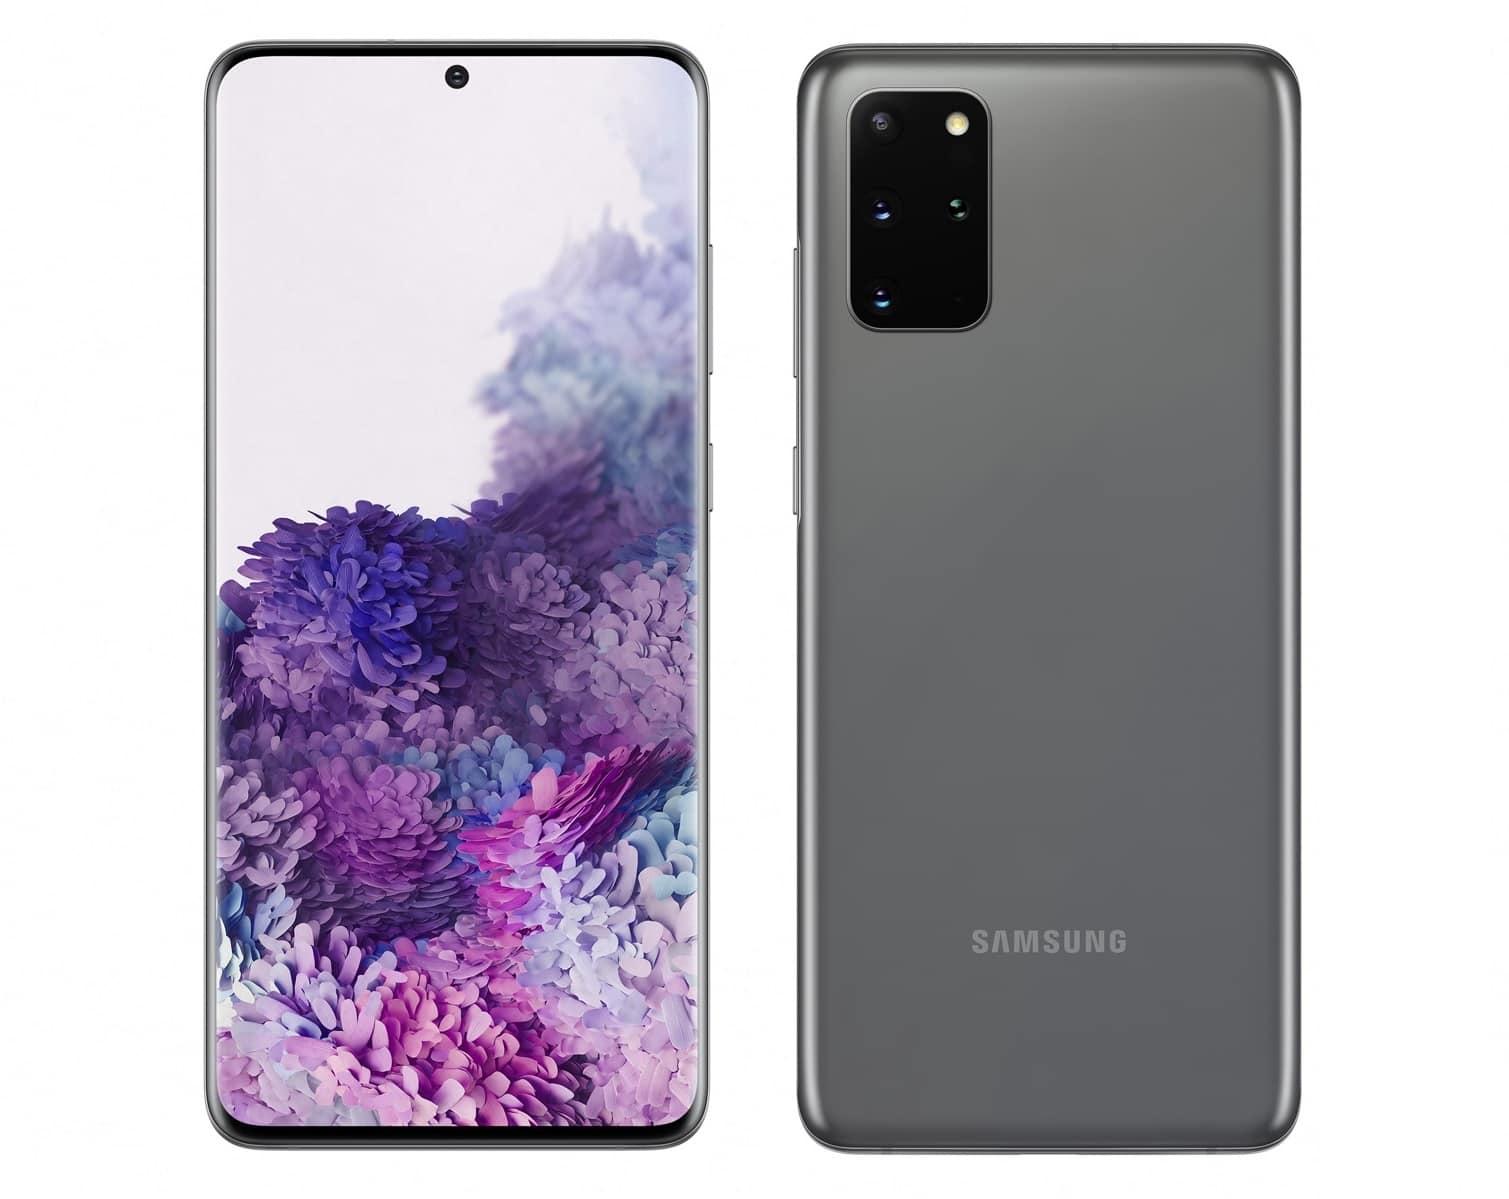 Top celulares de gama alta en Uruguay - Andro UY Awards 2020